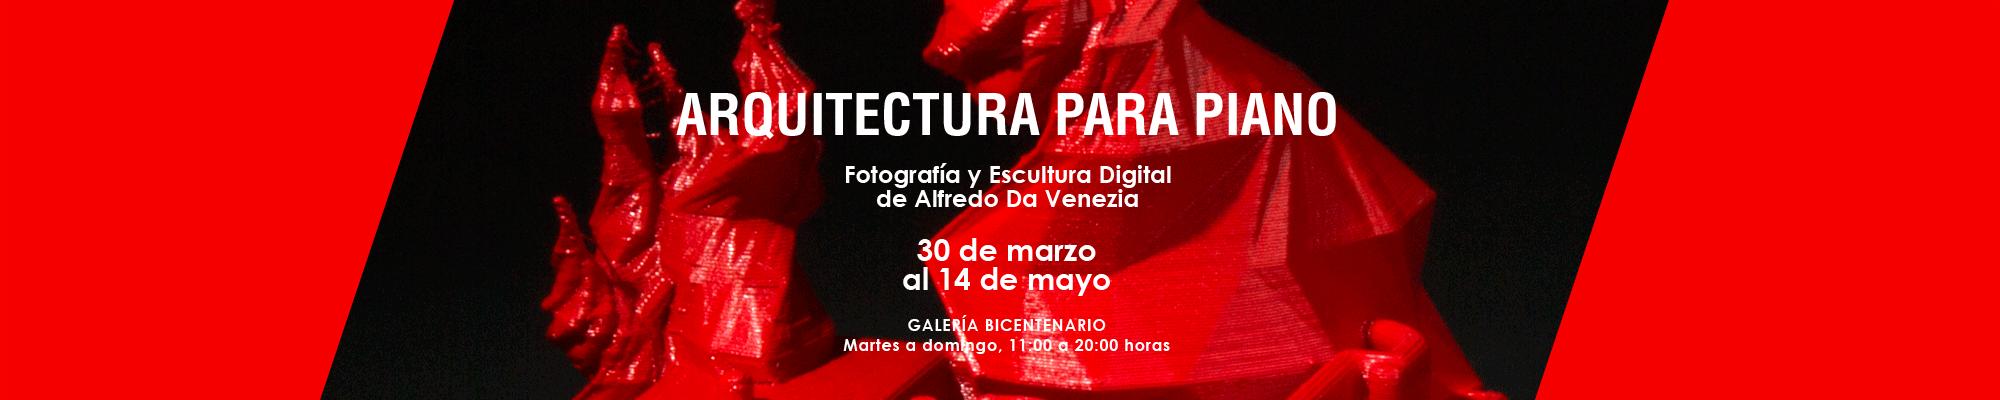 Arquitectura para Piano. Fotografía y Escultura Digital de Alfredo Da Venezia